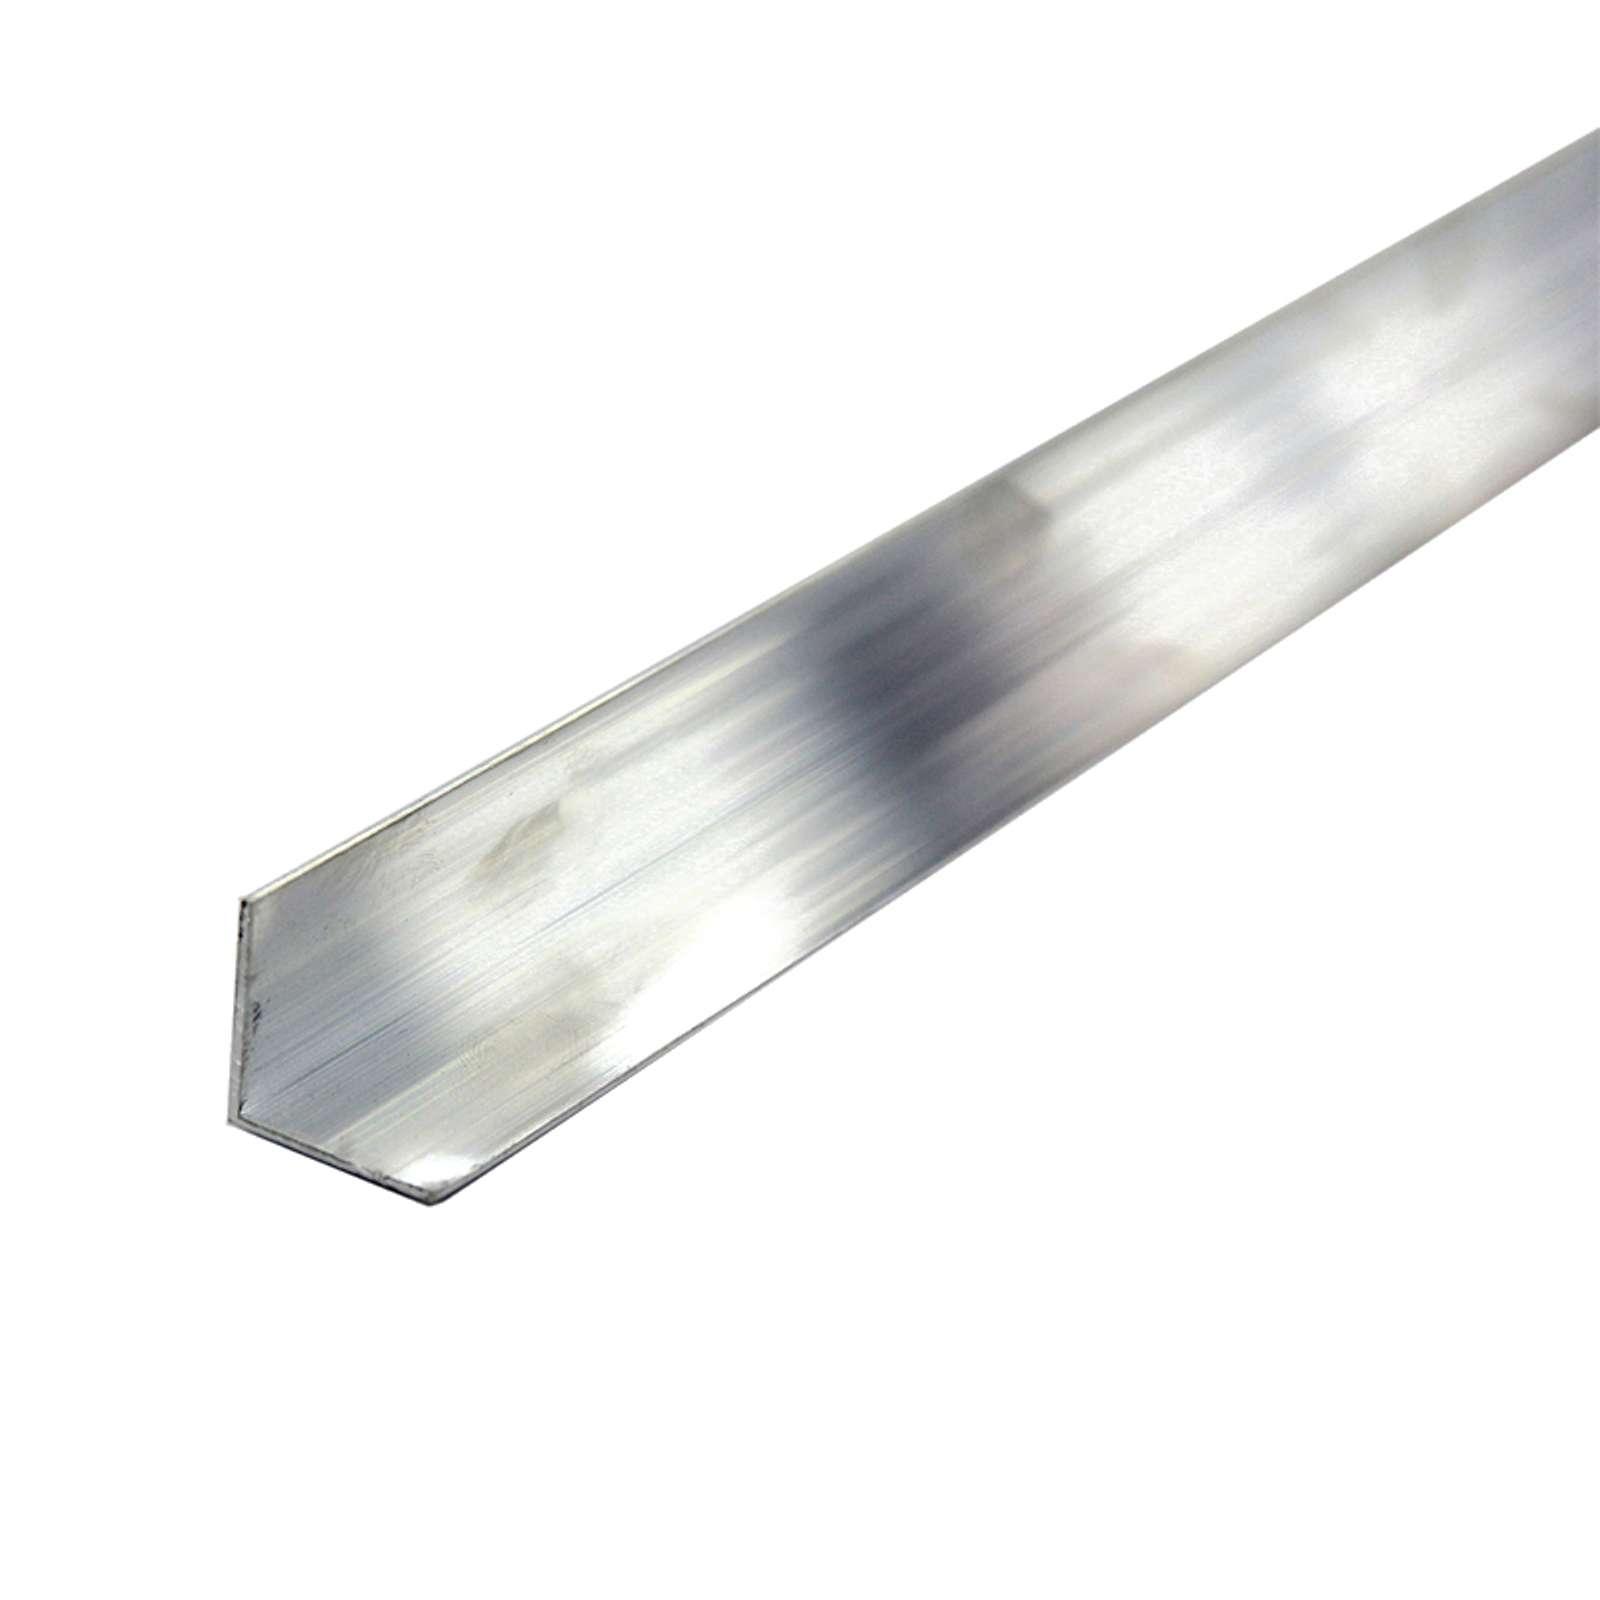 Уголок алюминиевый равнополочный 30х30х1,5 мм, 1 м